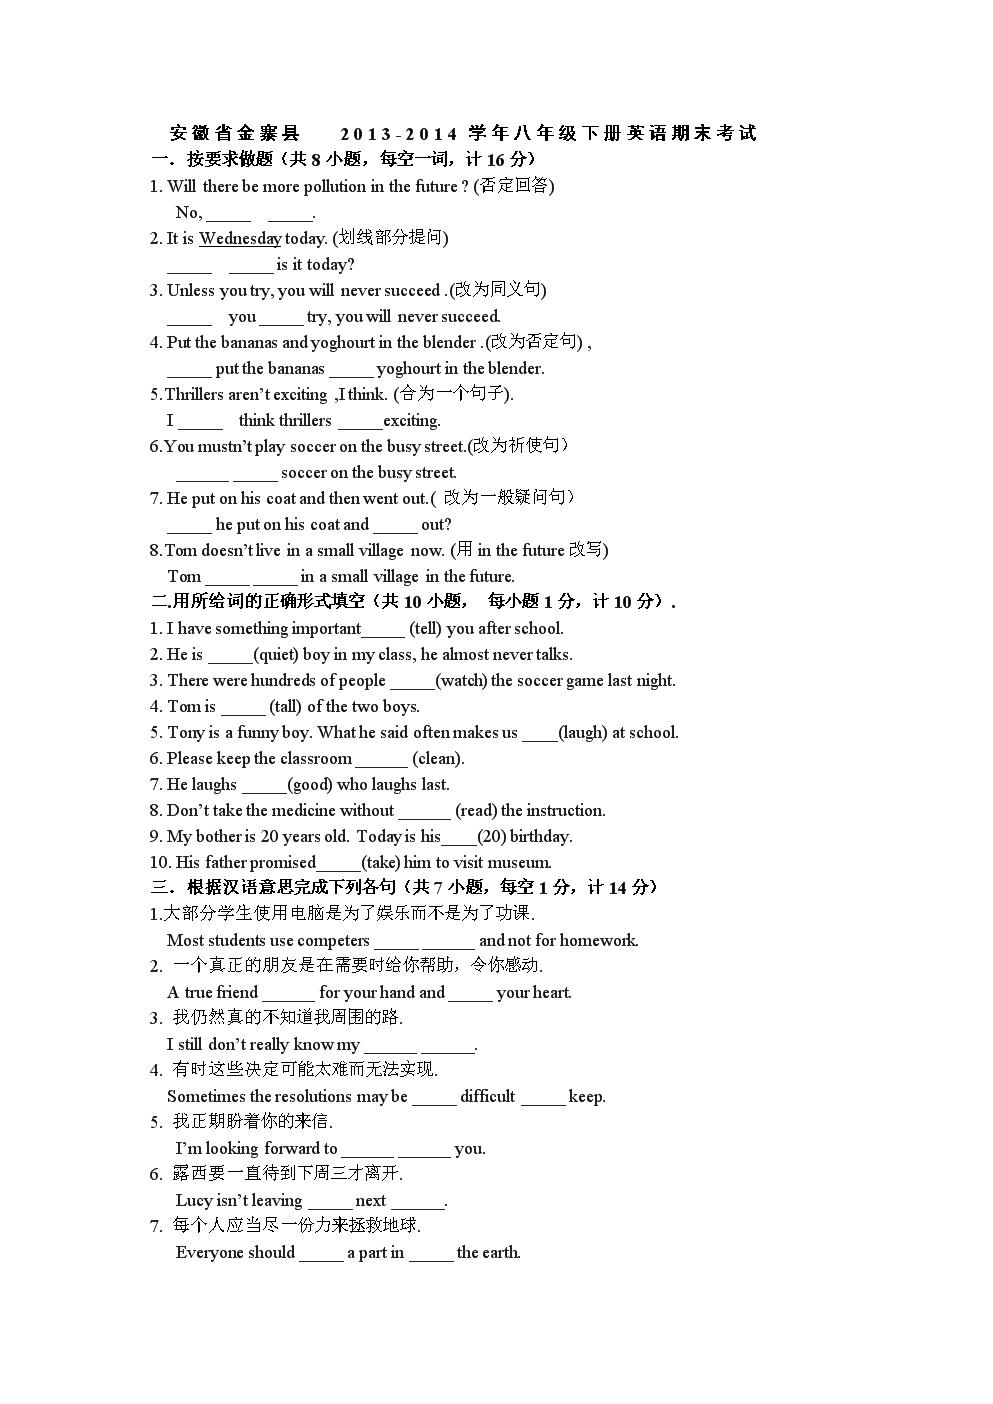 安徽省金寨县2013-2014下学期八年级英语期末试卷.docx